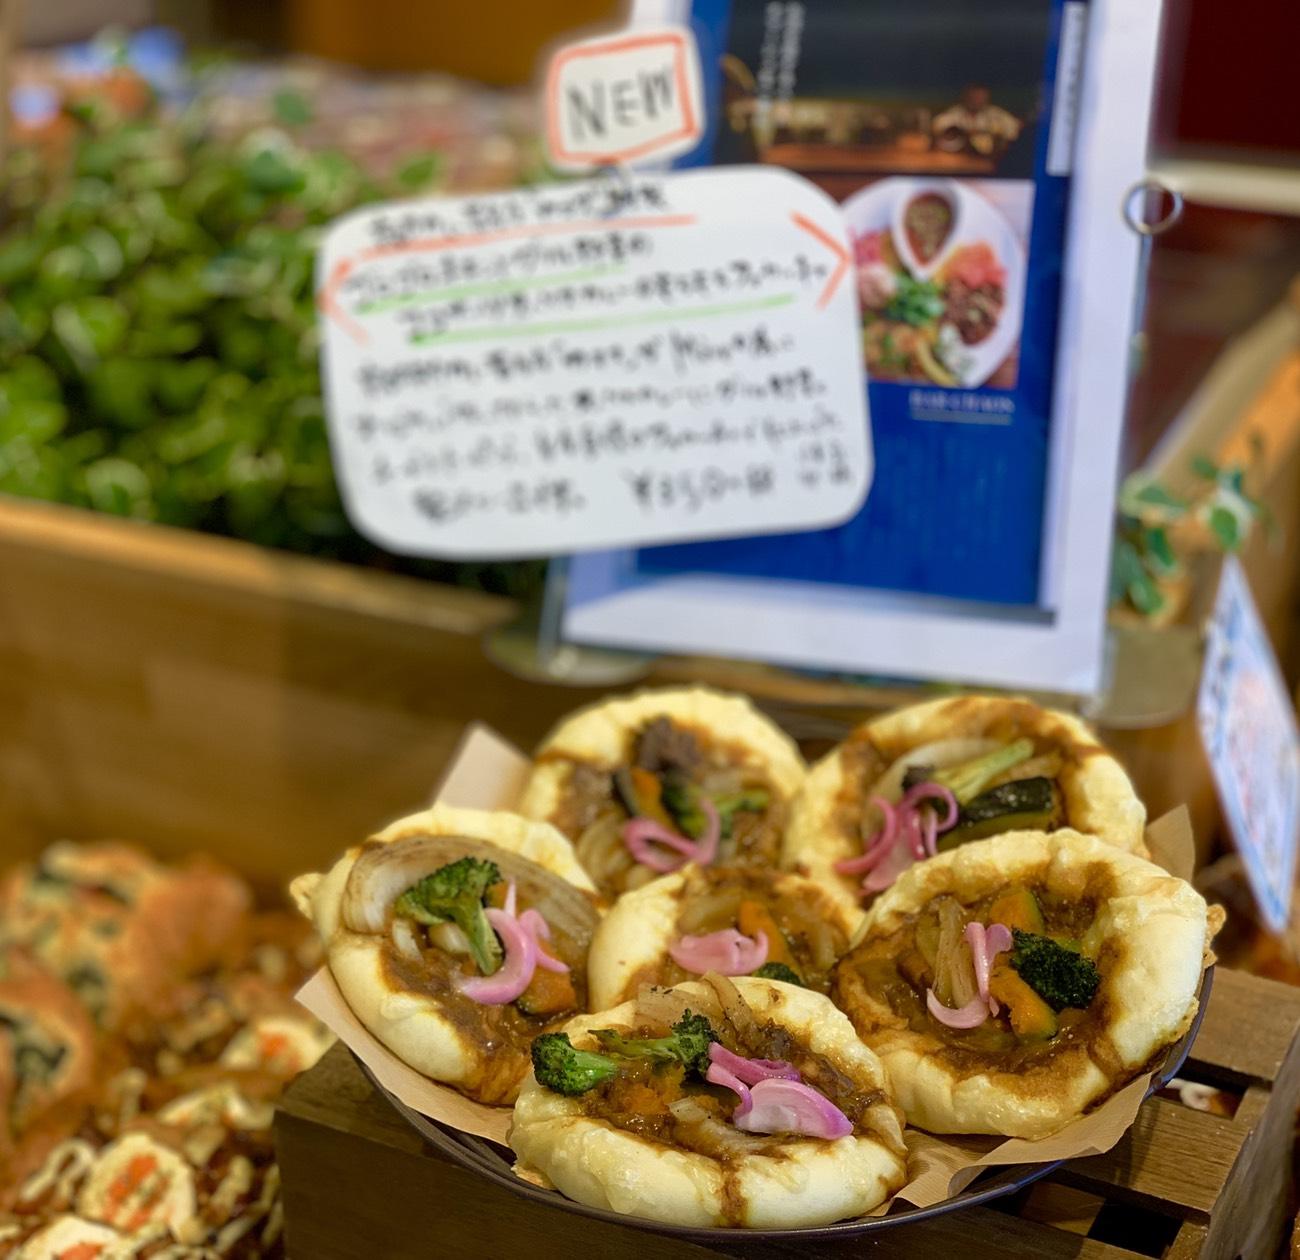 ゴロゴロチキンと野菜のココナッツカレーフォカッチャ